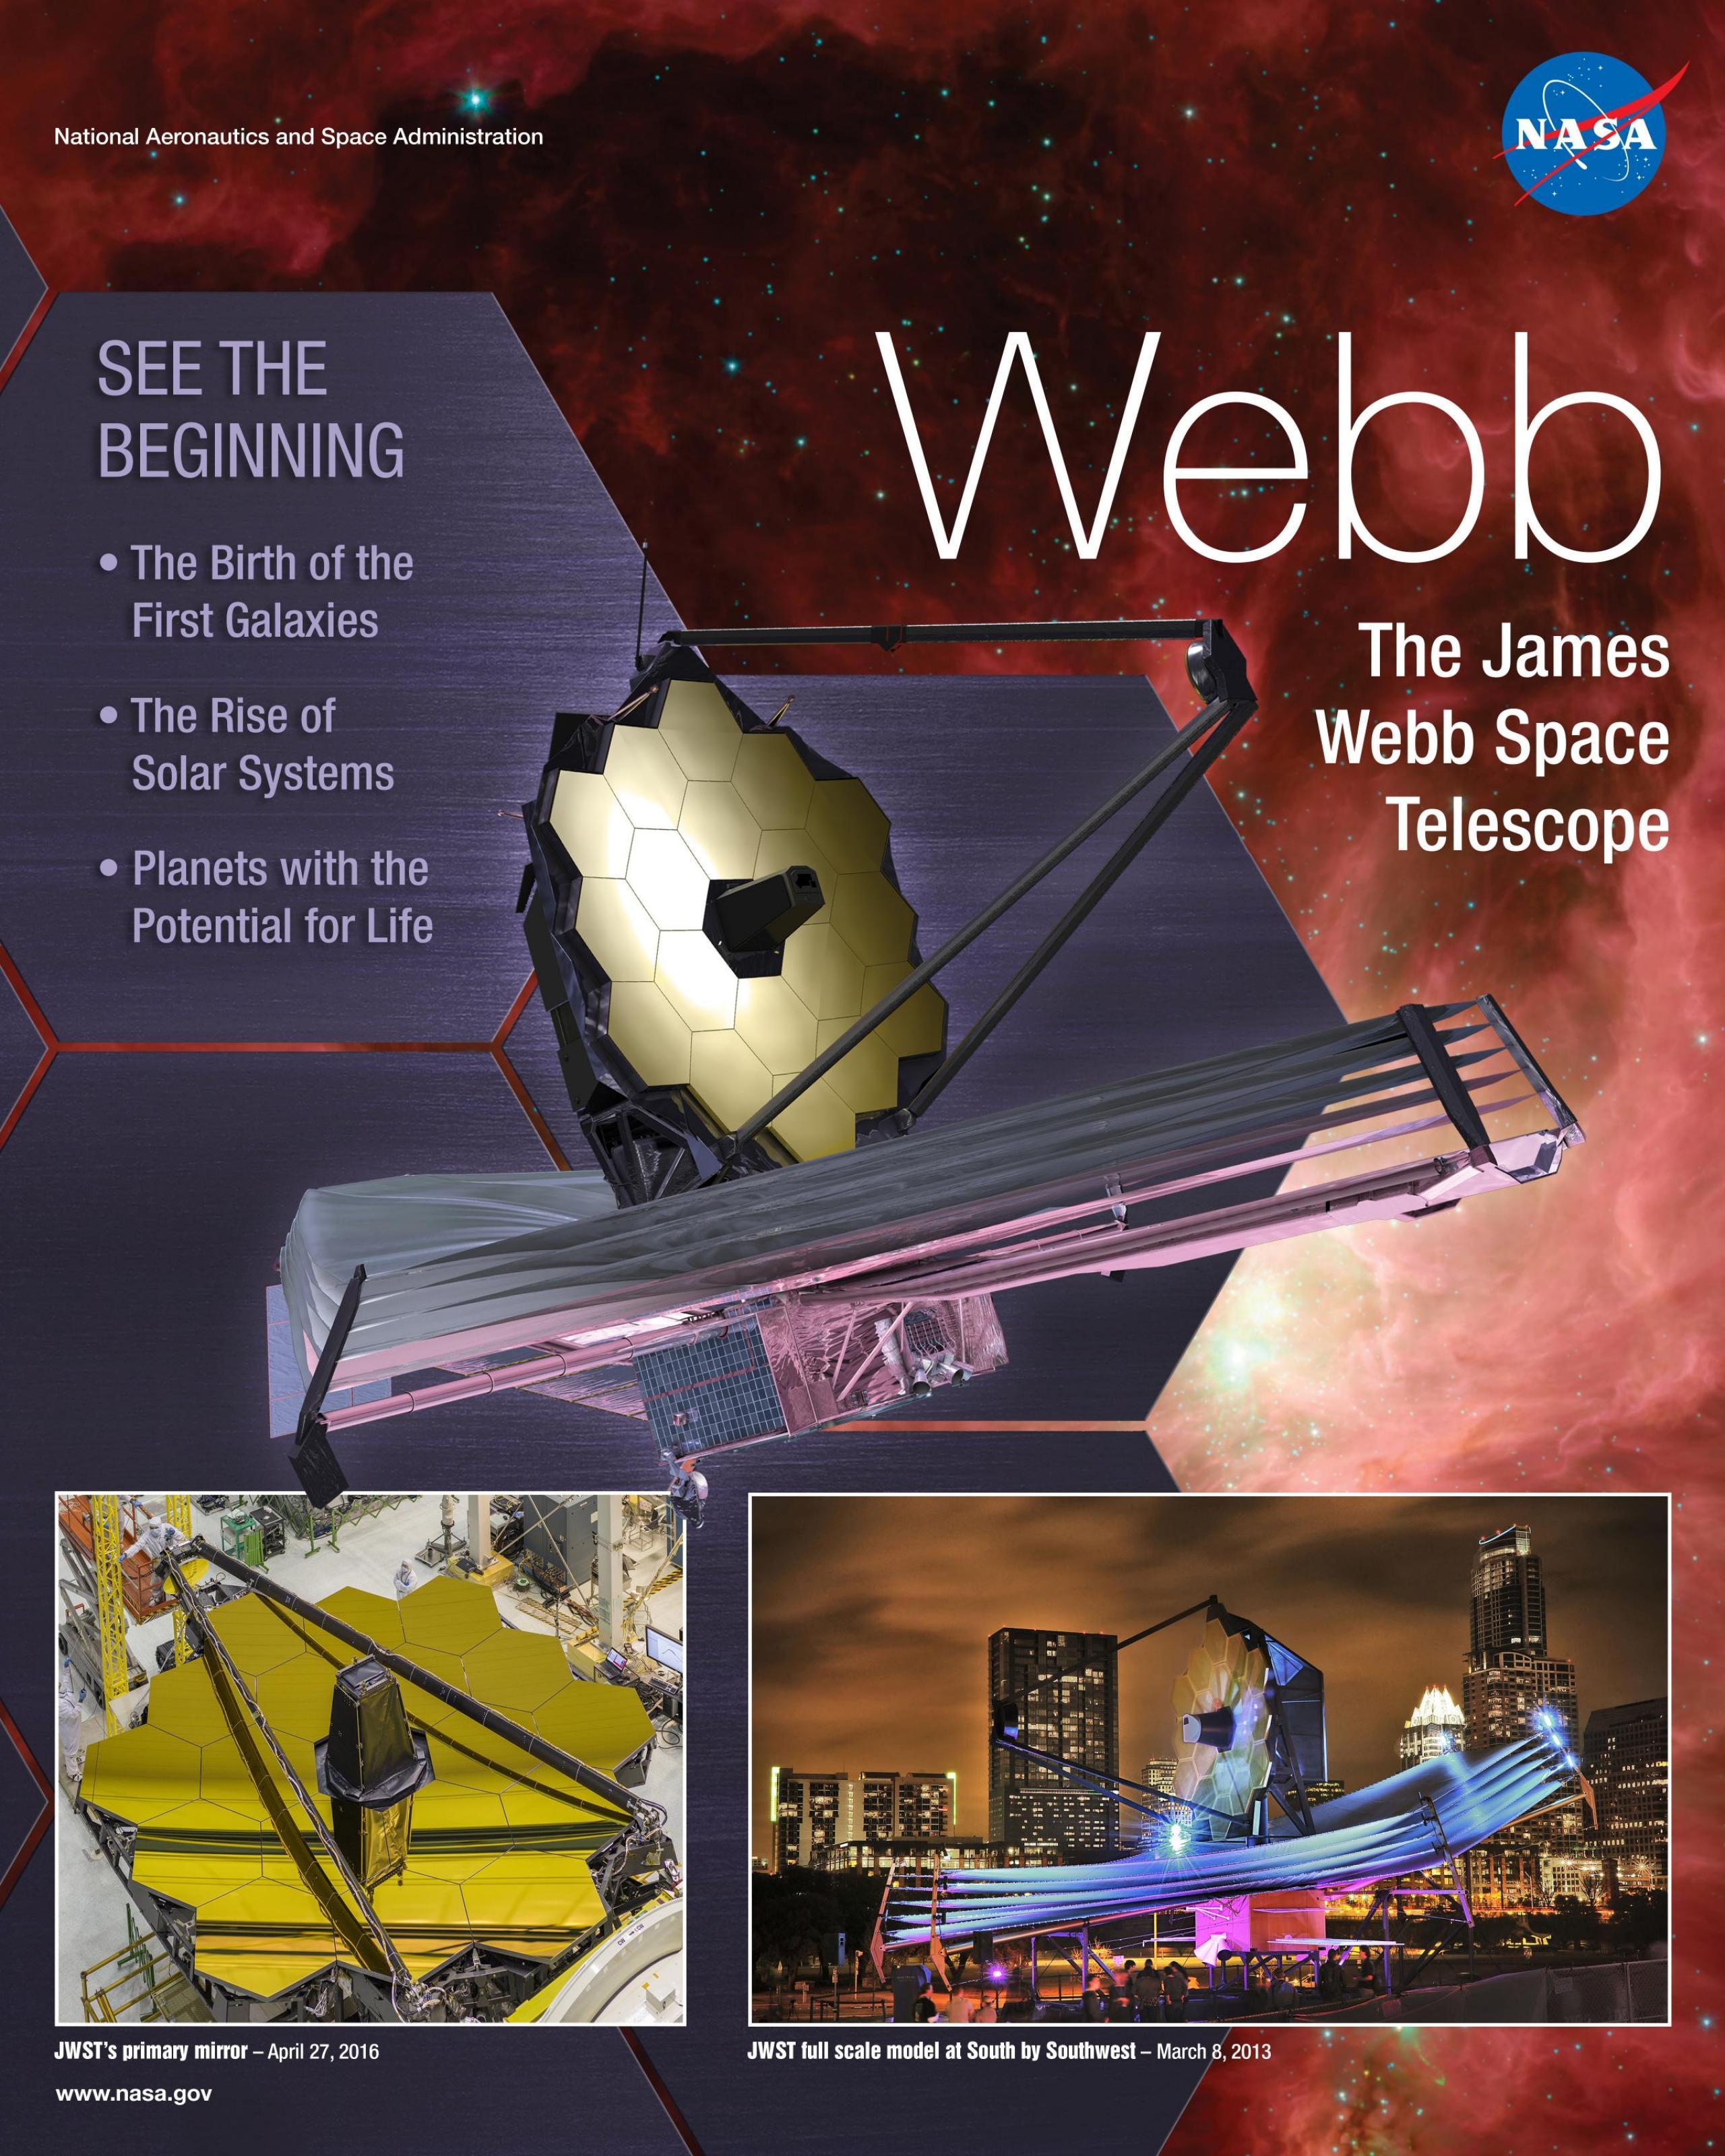 Webb.jpg